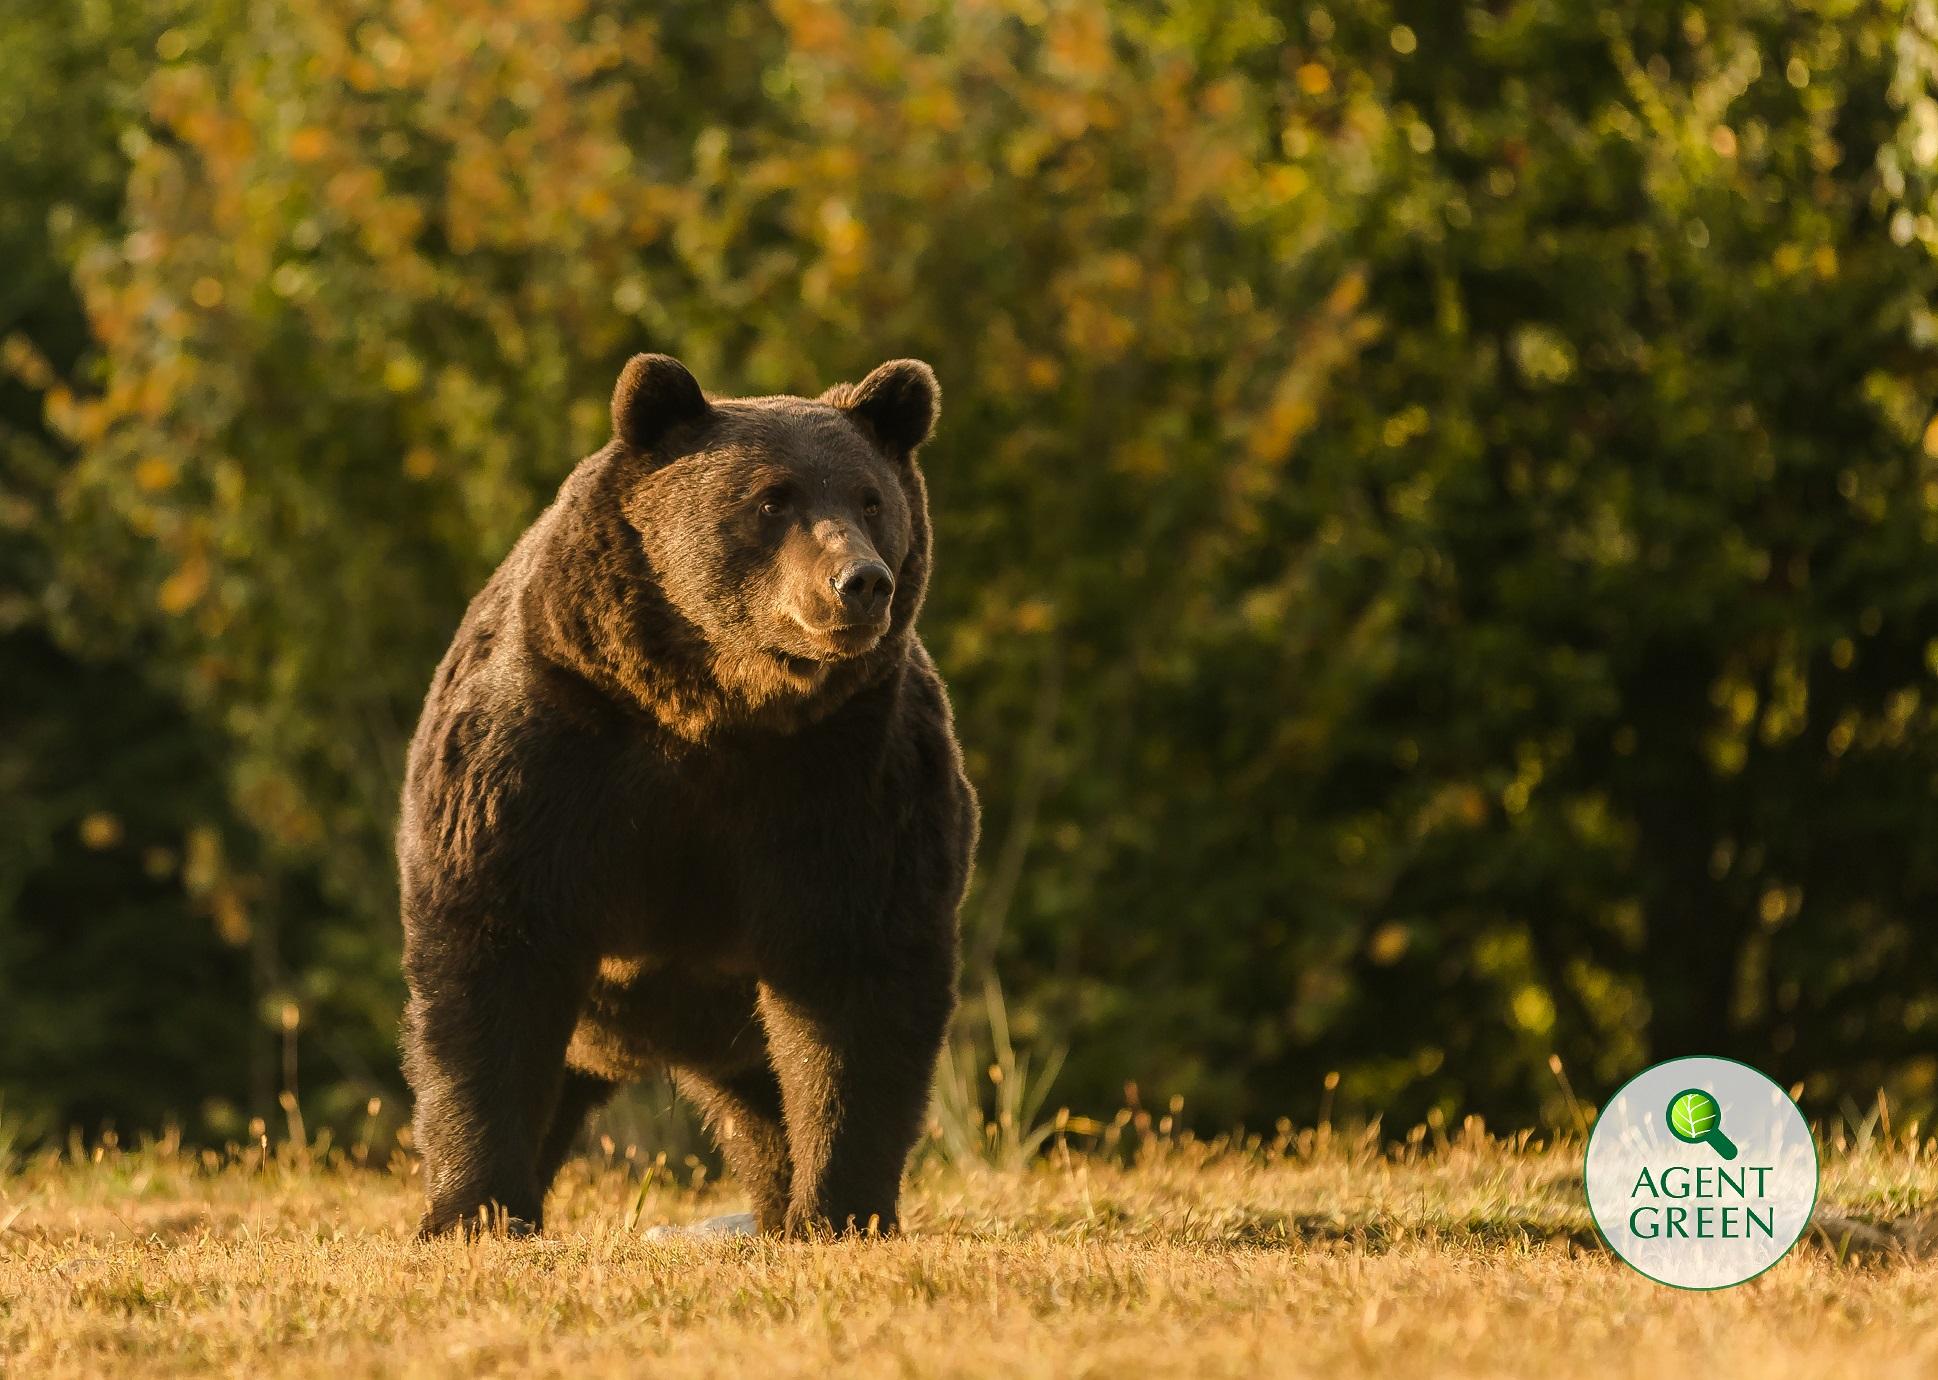 Экоорганизации обвинили принца Лихтенштейна в убийстве самого большого медведя в Румынии